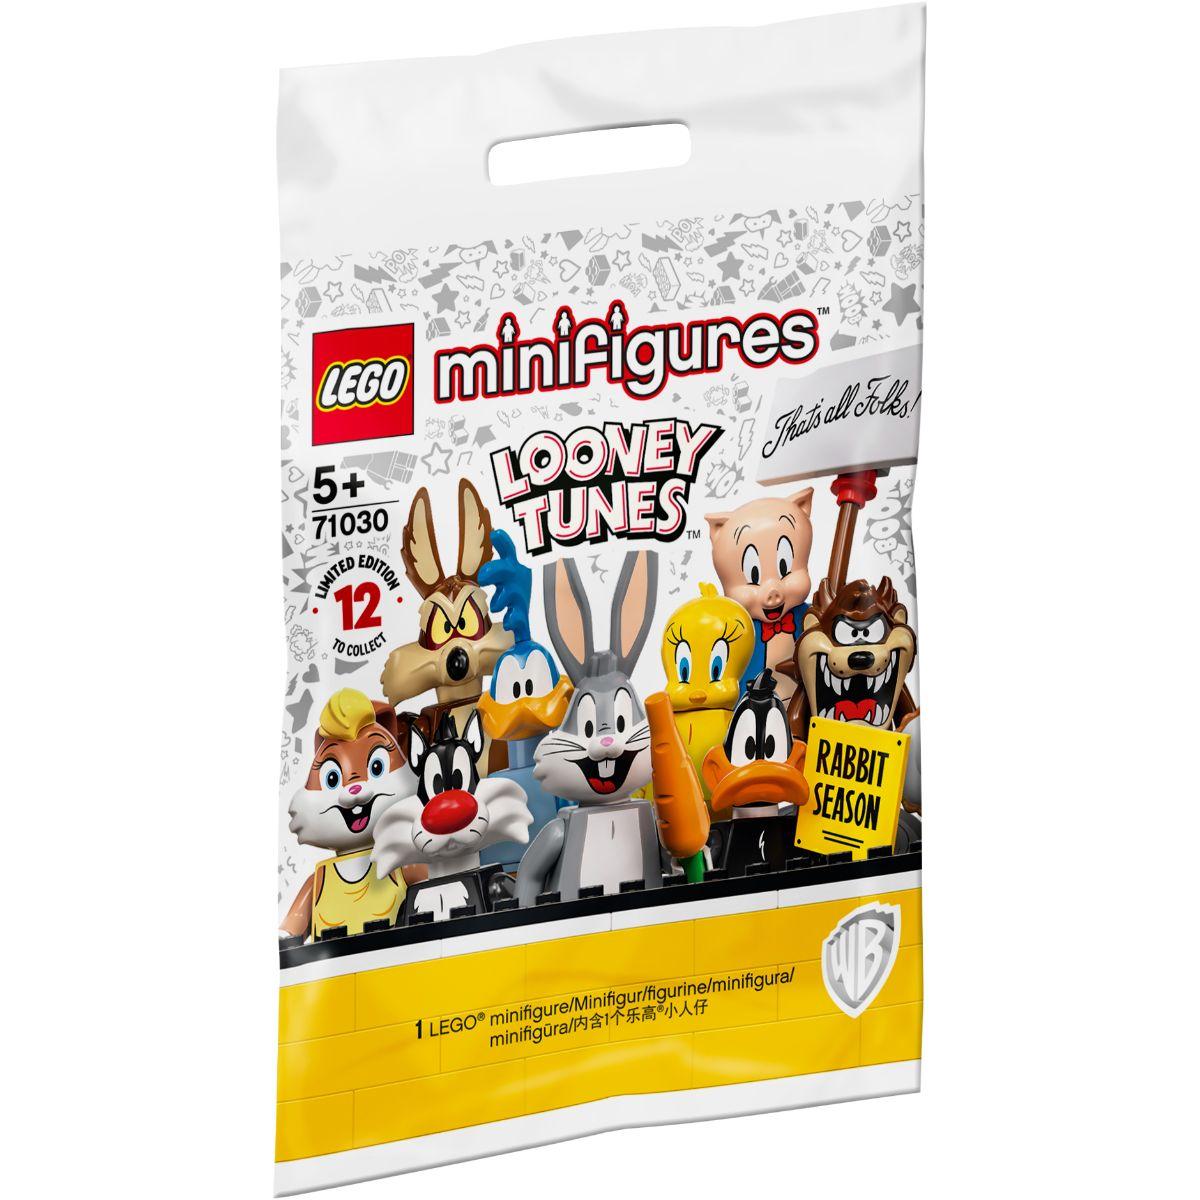 LEGO® Minifigures - Looney Tunes (71030)